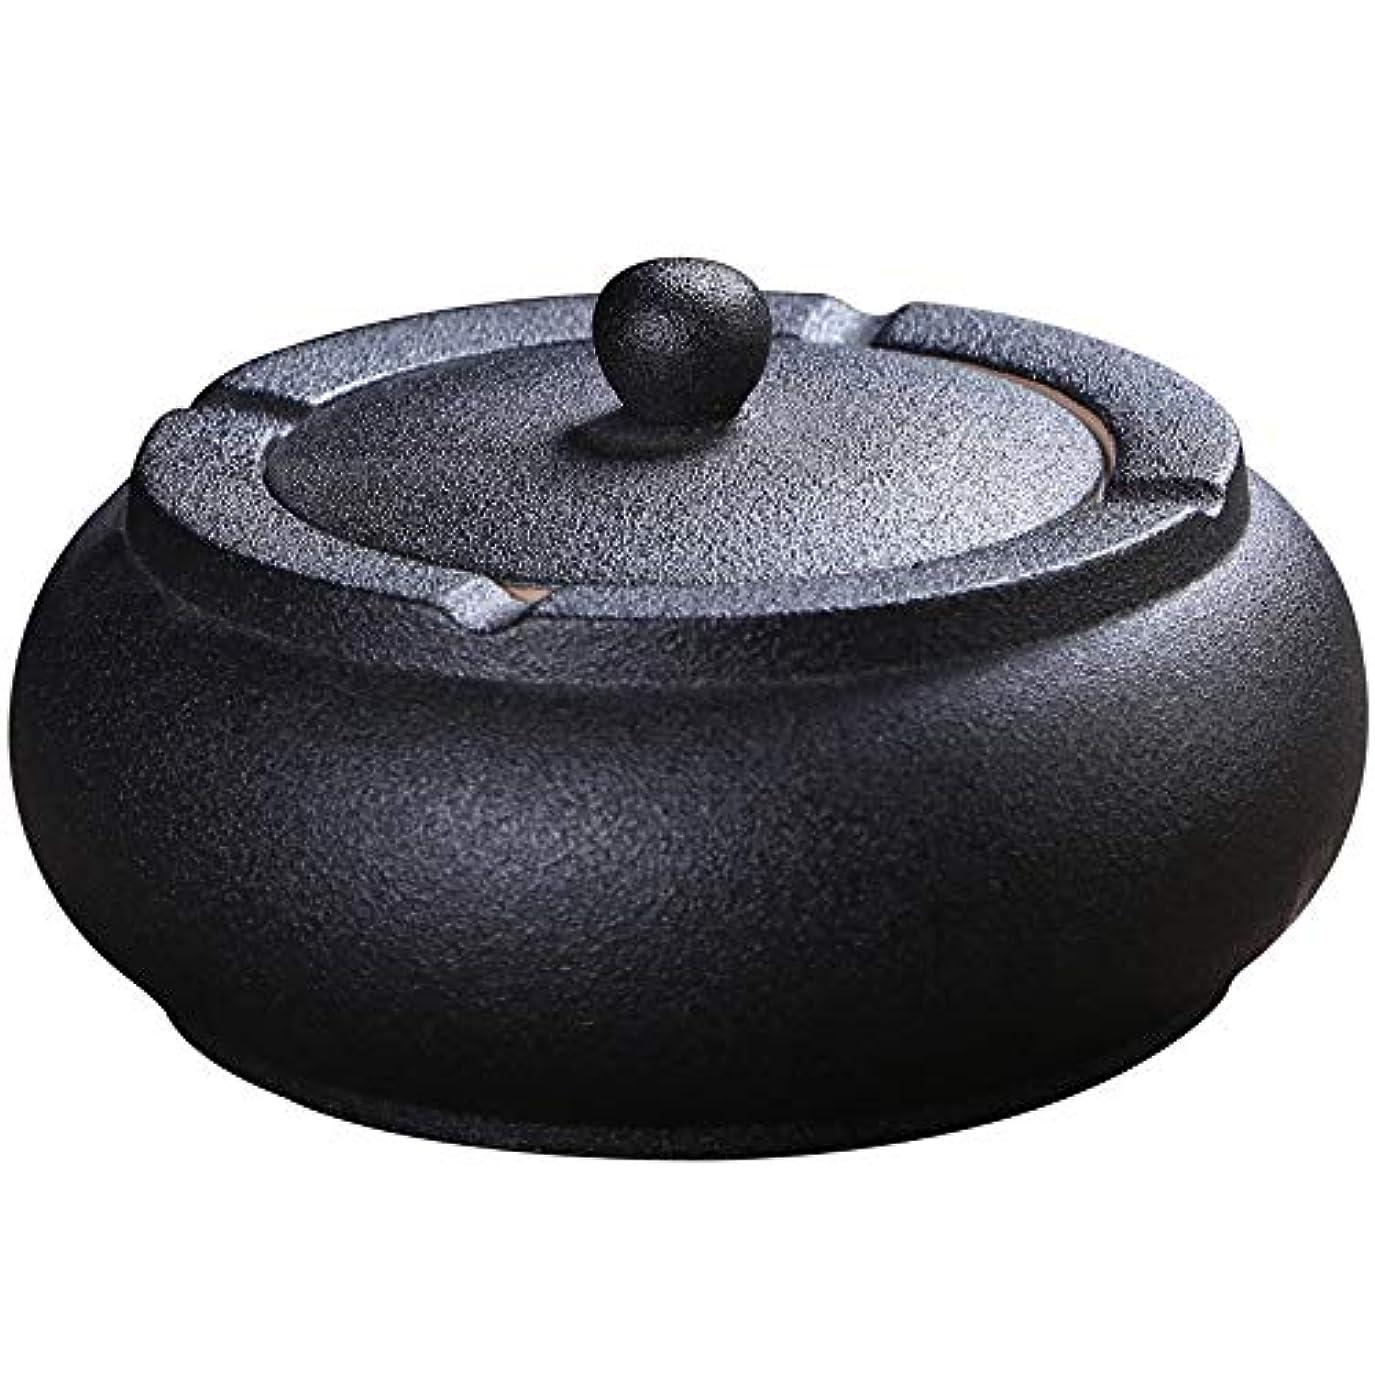 ランダム局カートふたが付いている陶磁器の灰皿、防風、喫煙者のための灰のホールダー、ホームオフィスの装飾の黒のためのデスクトップの喫煙灰皿